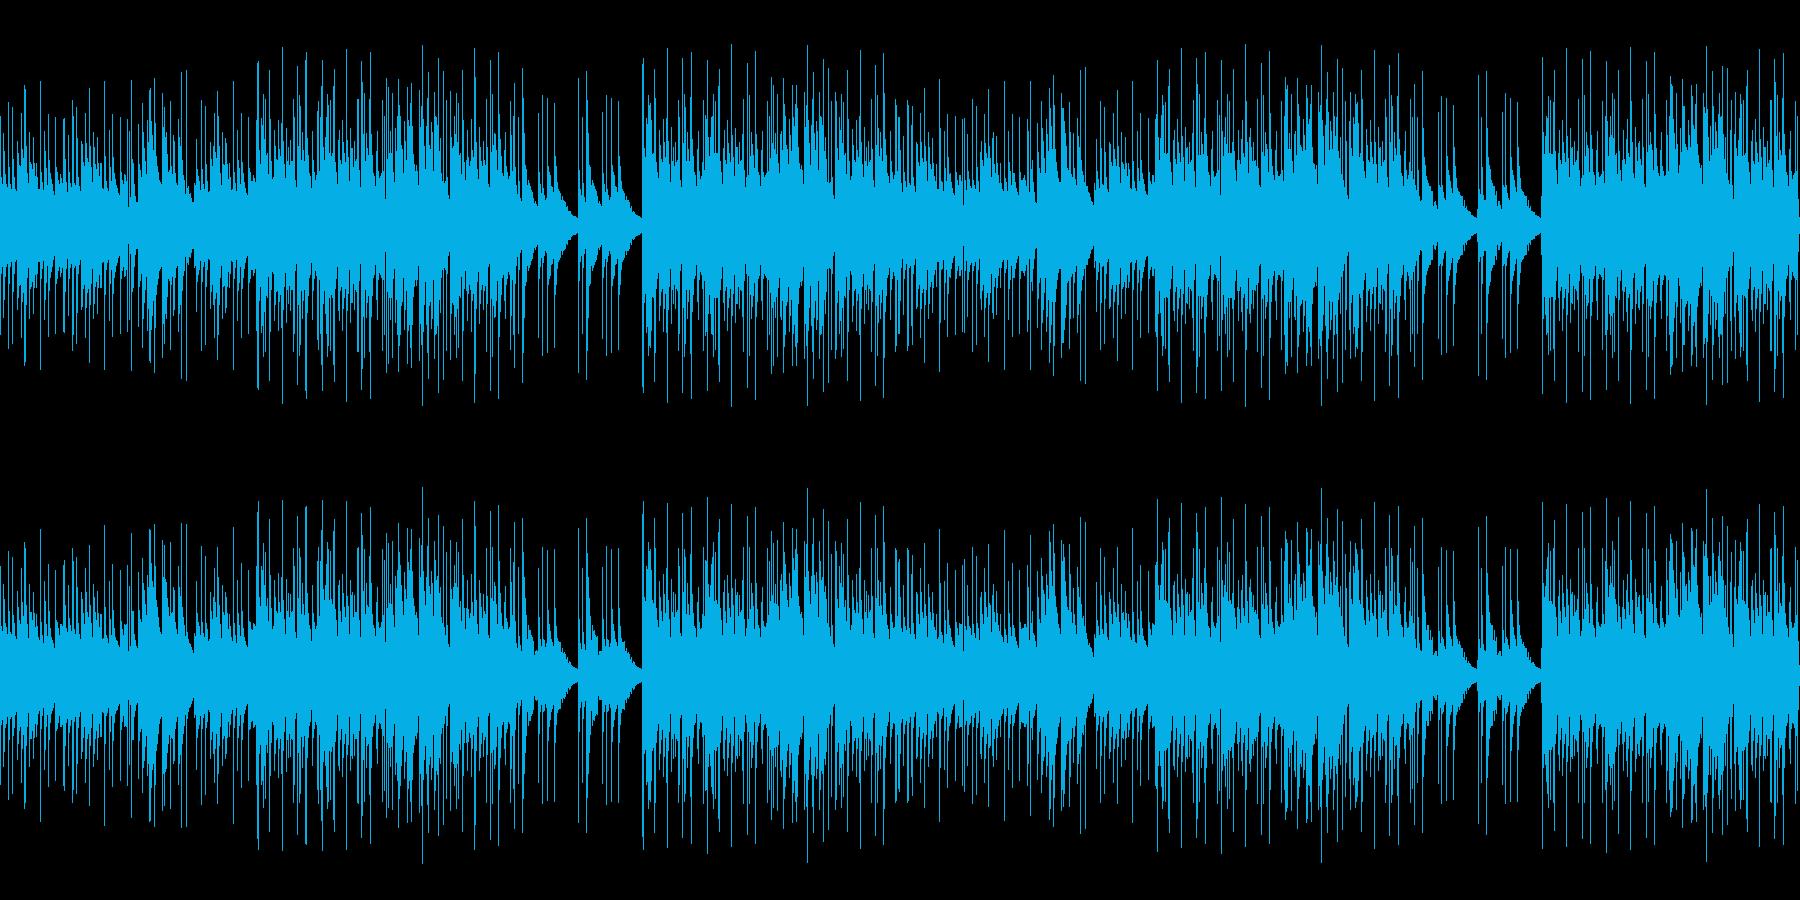 【アジアン/雑貨屋/オリエンタル】の再生済みの波形